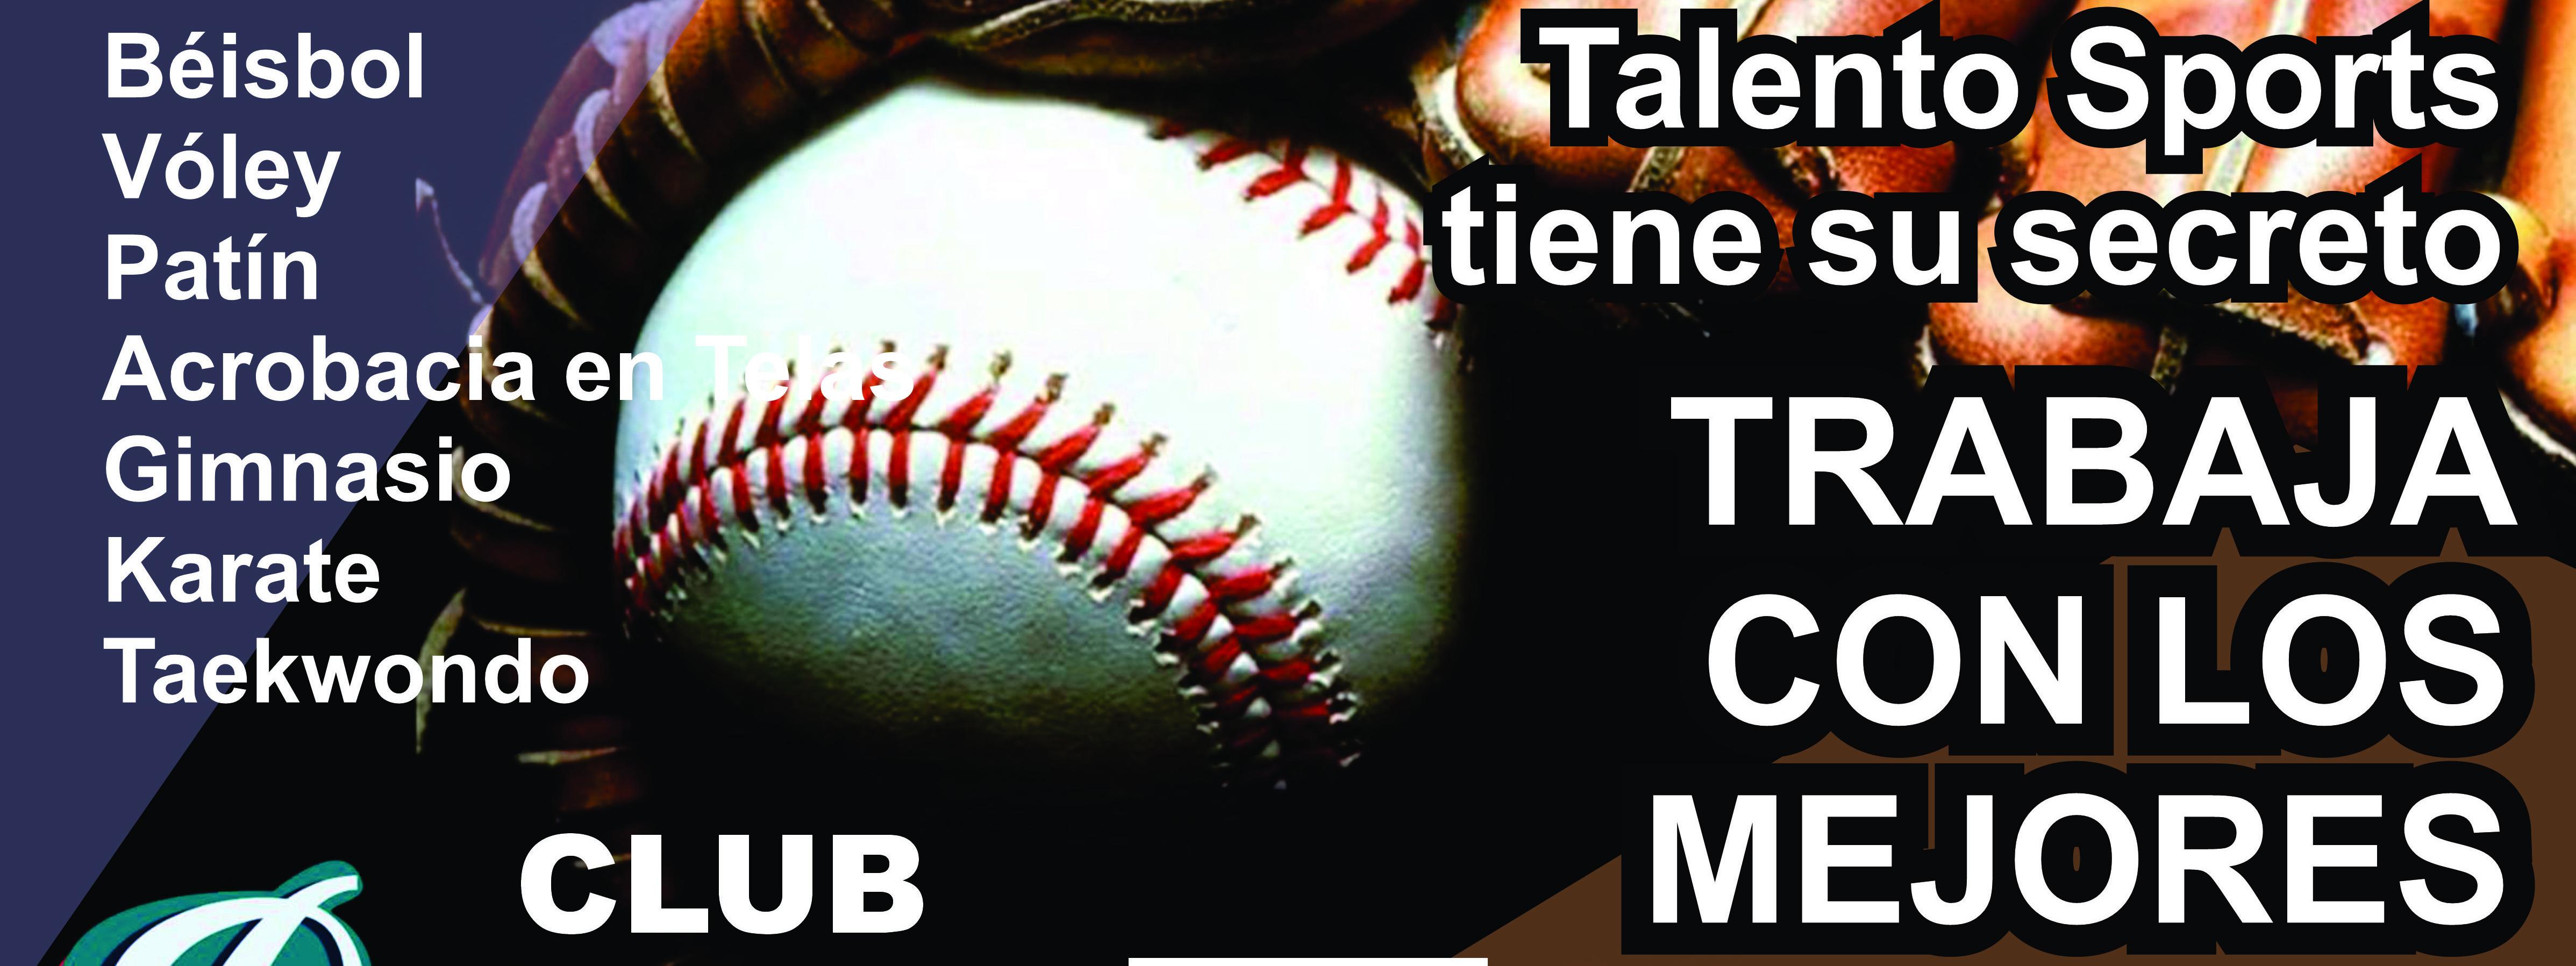 BÉISBOL CÓRDOBA: El Club Dolphins, el club insignia del béisbol cordobés